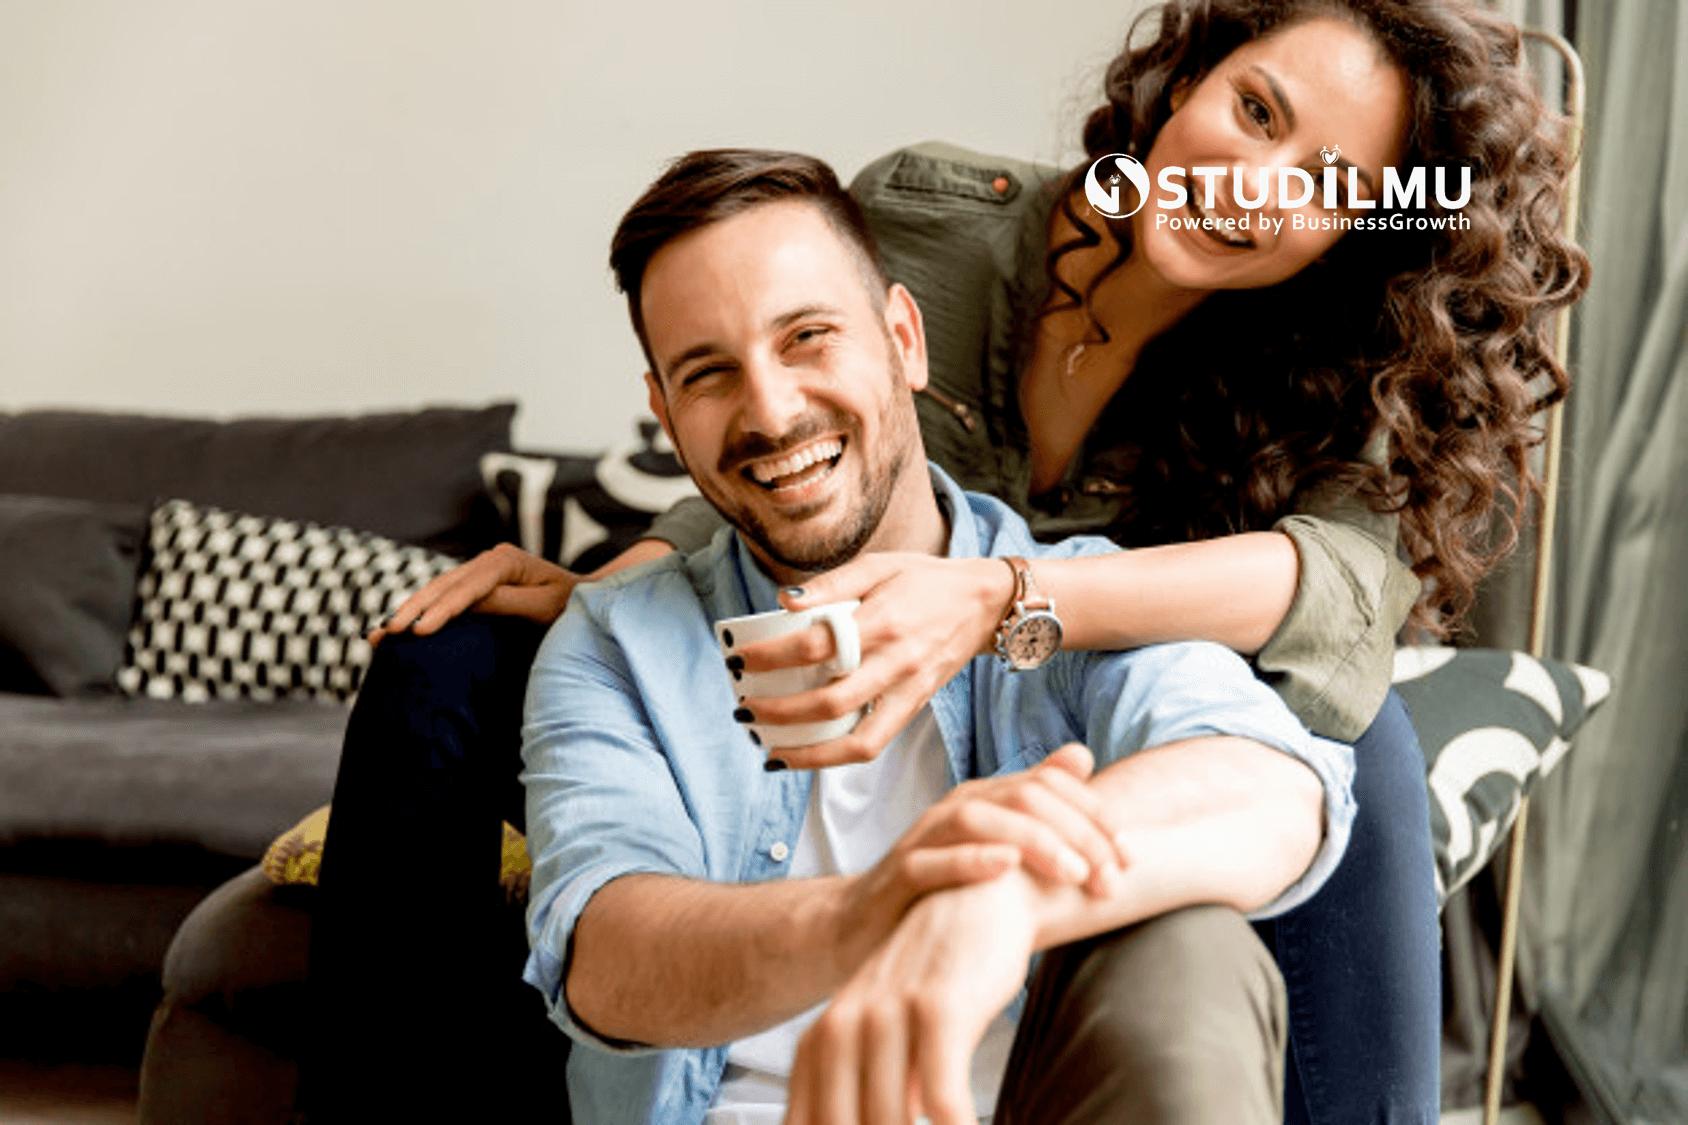 STUDILMU Career Advice - 5 Cara Meraih Rasa Bahagia saat Mengejar Kesuksesan Hidup